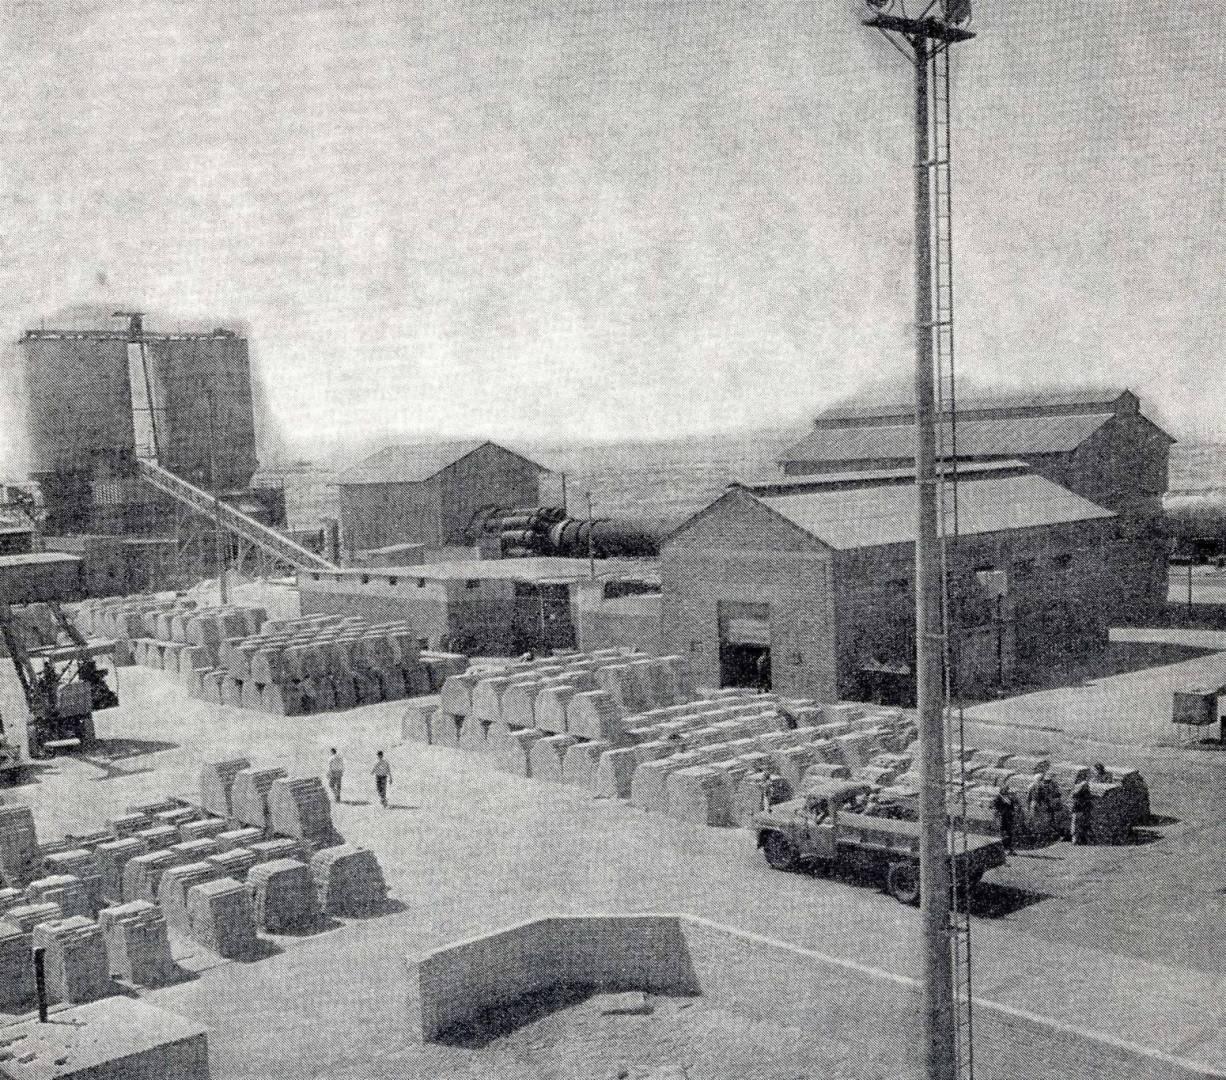 1972/10/1| خبير ألماني يبدأ زيارته لتنفيذ مشروع منطقة صناعية حرة في الكويت